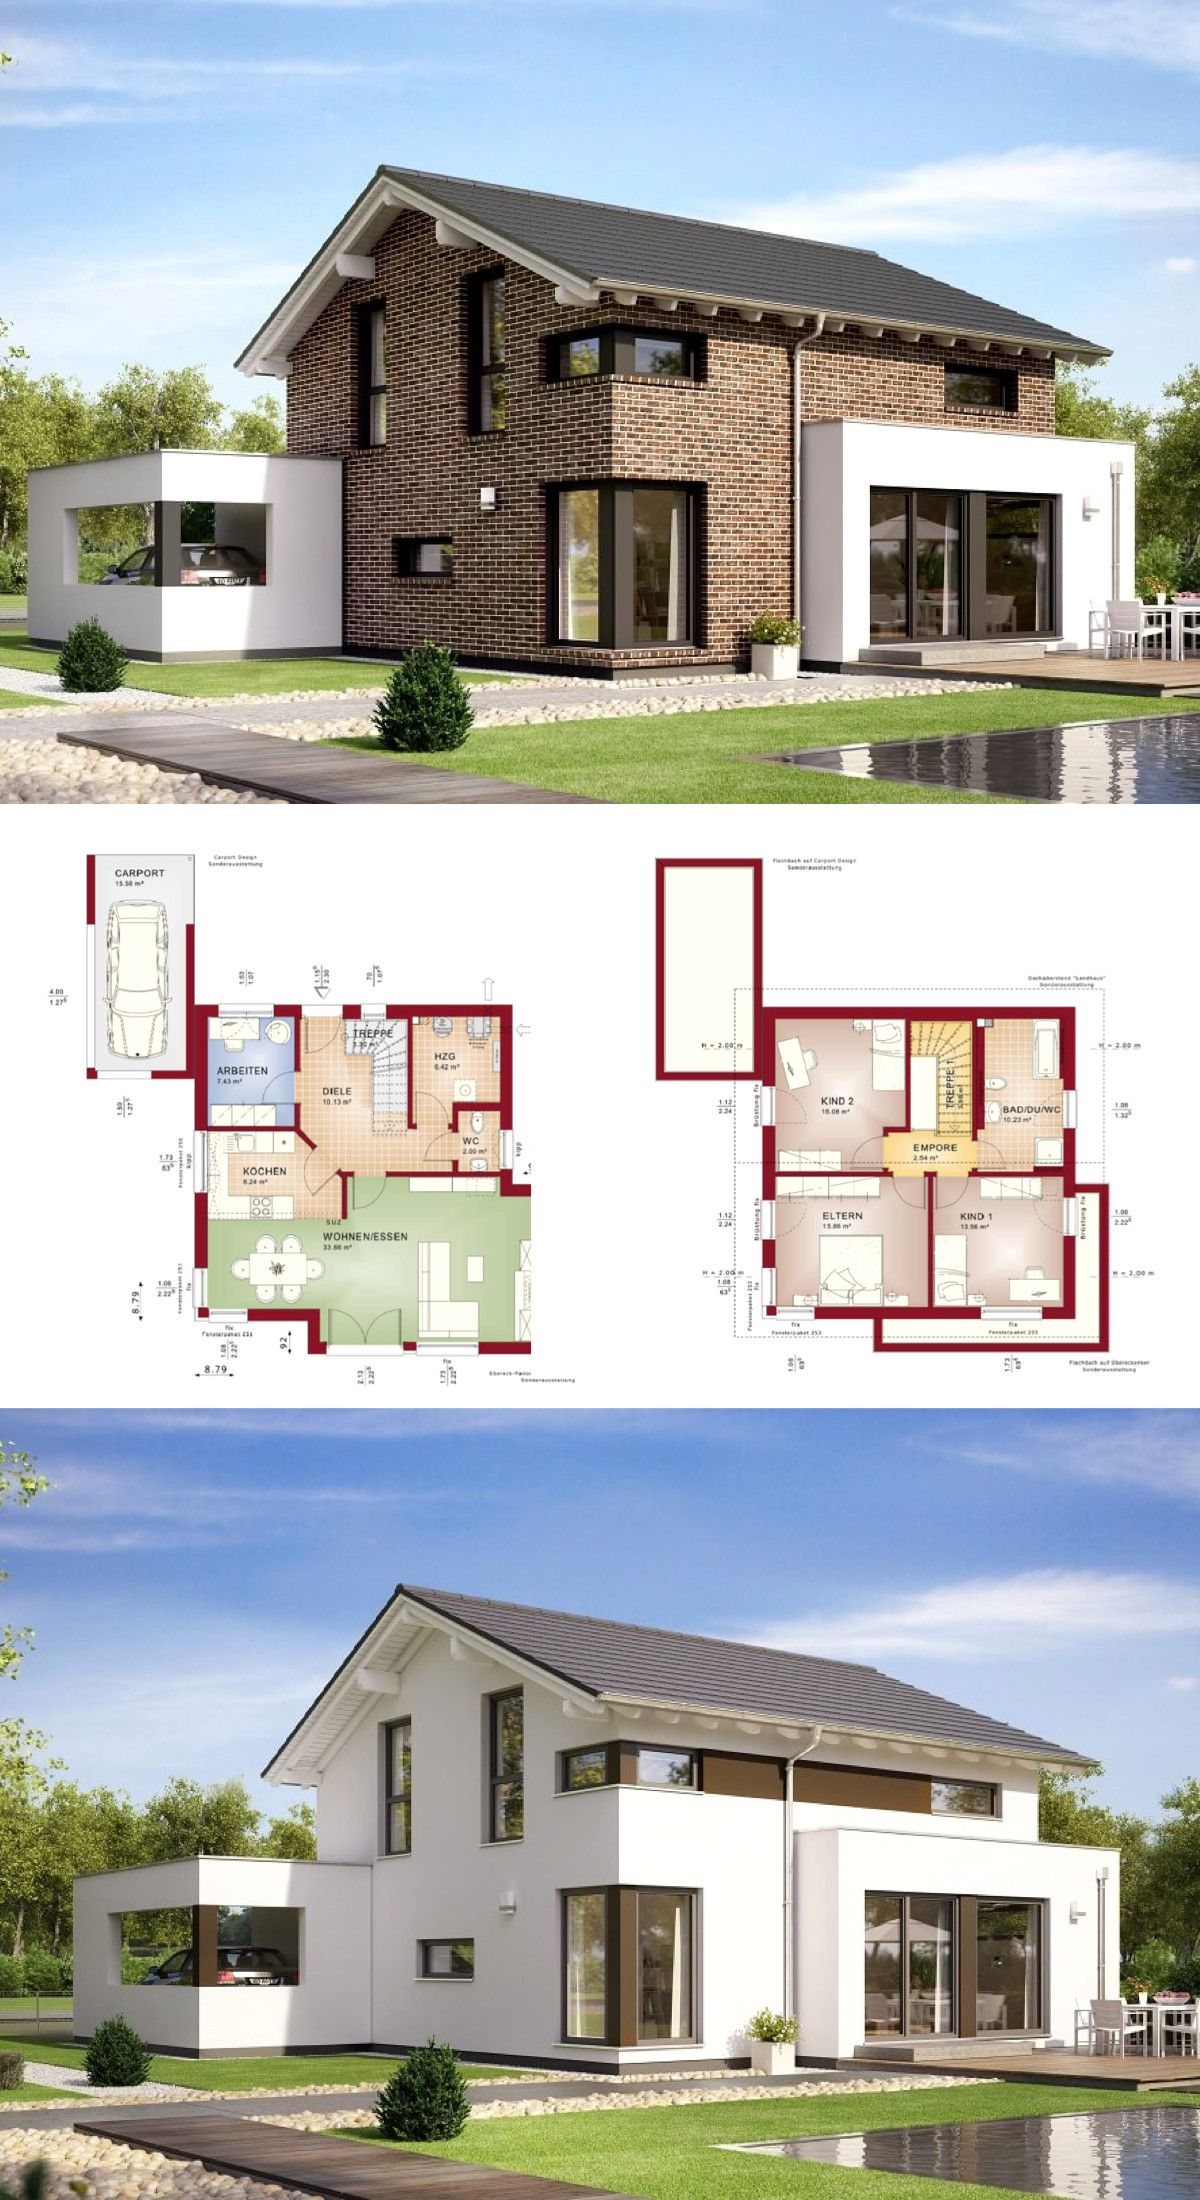 Modernes Einfamilienhaus Mit Satteldach Und Klinker Fassade Mit